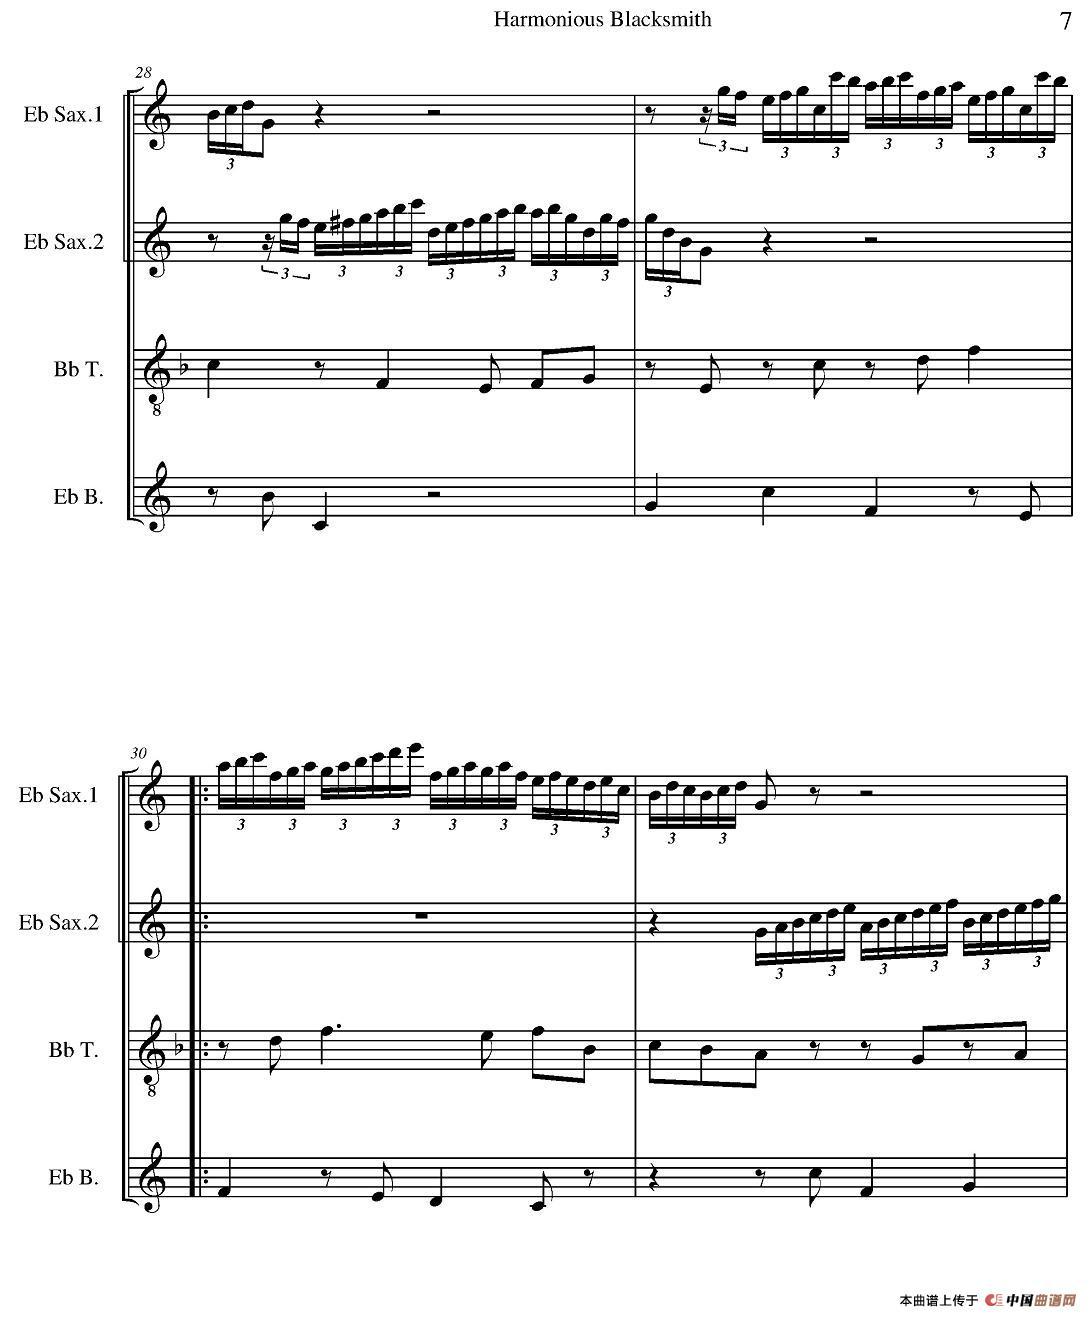 萨克斯四重奏乐谱